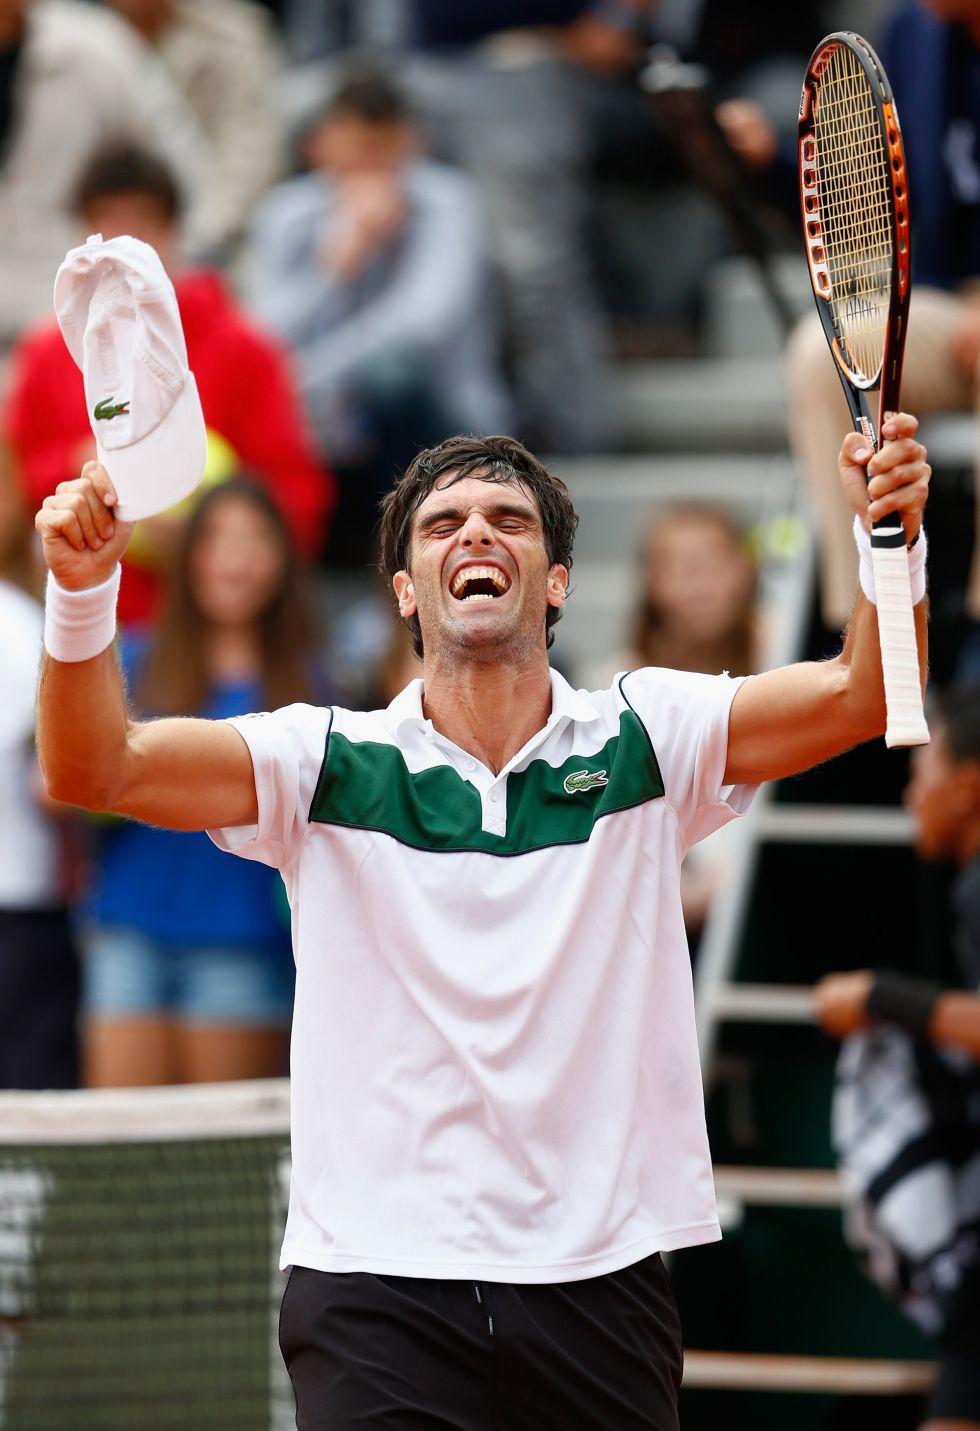 Roland Garros 2015 - Página 2 1432815452_318114_1432815513_noticia_grande